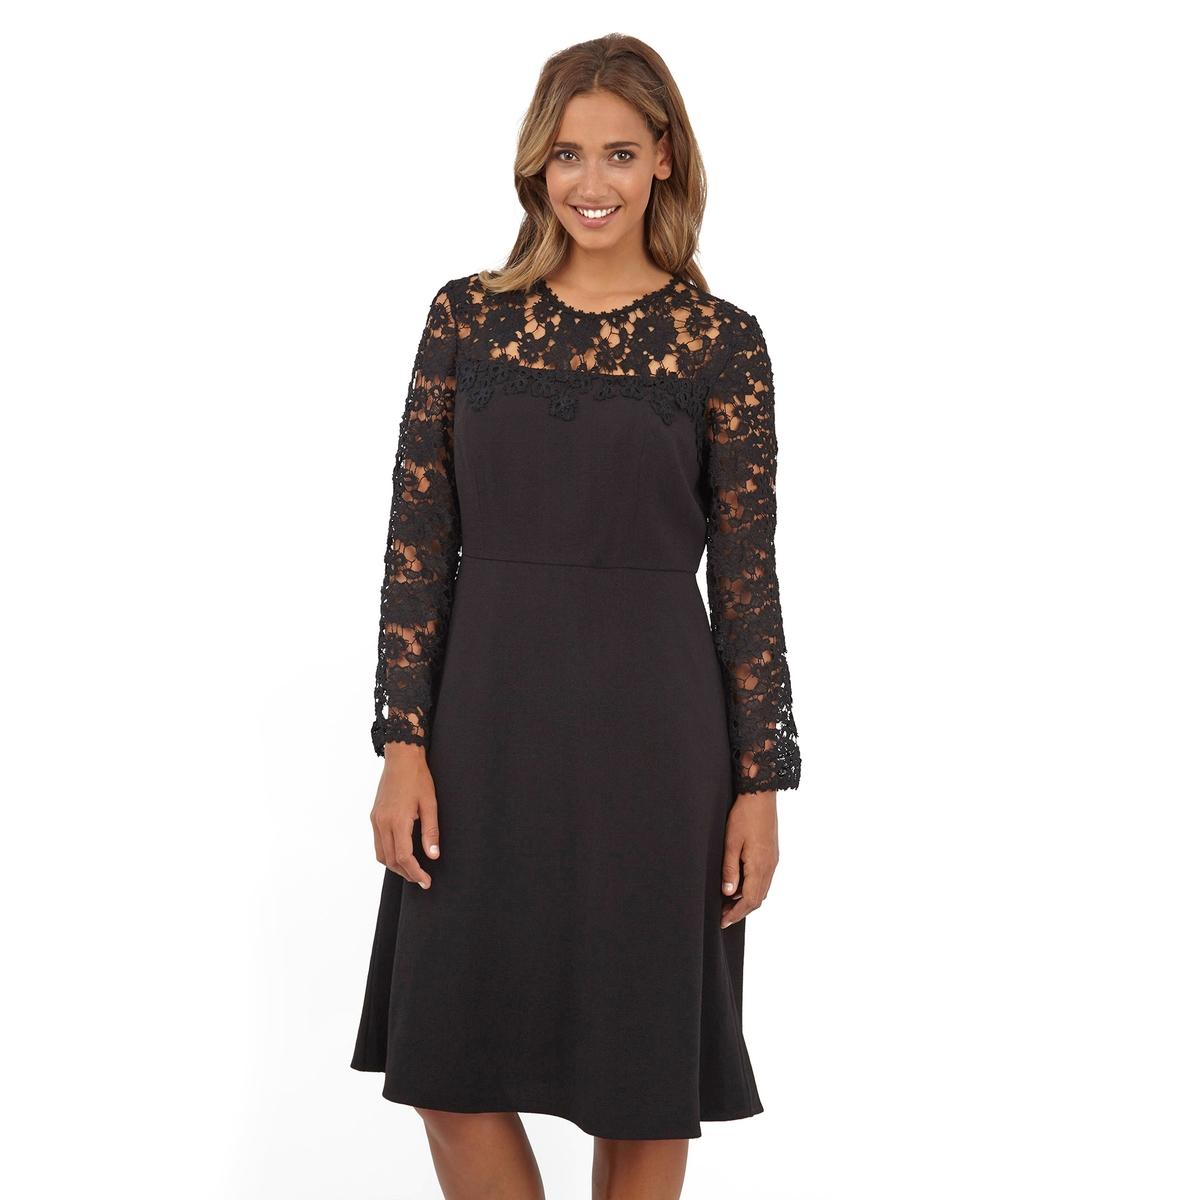 ПлатьеПлатье с длинными рукавами - LOVEDROBE. 100% полиэстер. Симпатичное кружево в верхней части и на рукавах. Длина ок.104 см<br><br>Цвет: черный<br>Размер: 44 (FR) - 50 (RUS).48 (FR) - 54 (RUS).54/56 (FR) - 60/62 (RUS)